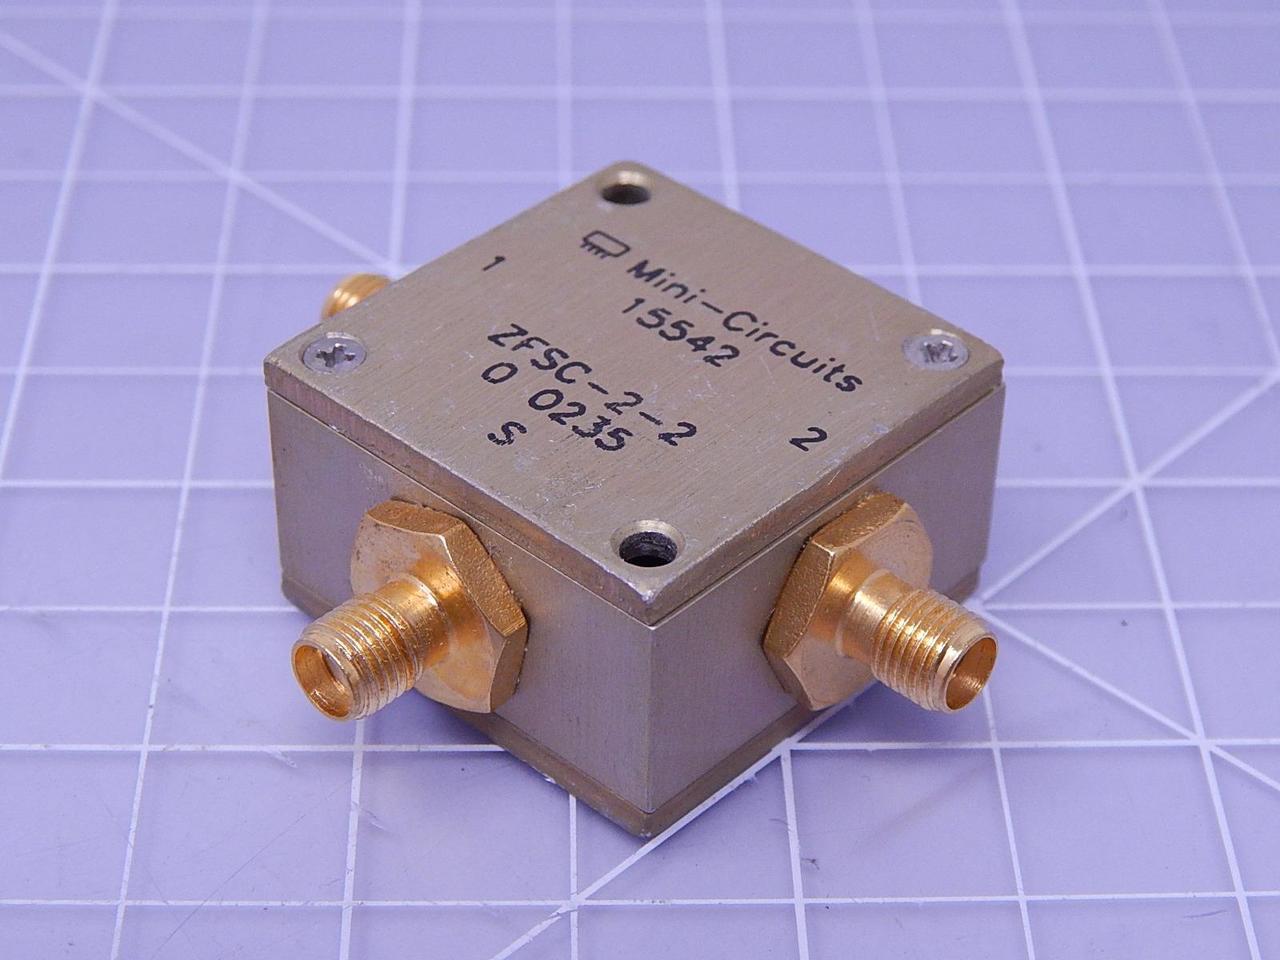 Mini-Circuits ZFSC-2-2 Power Splitter T111086